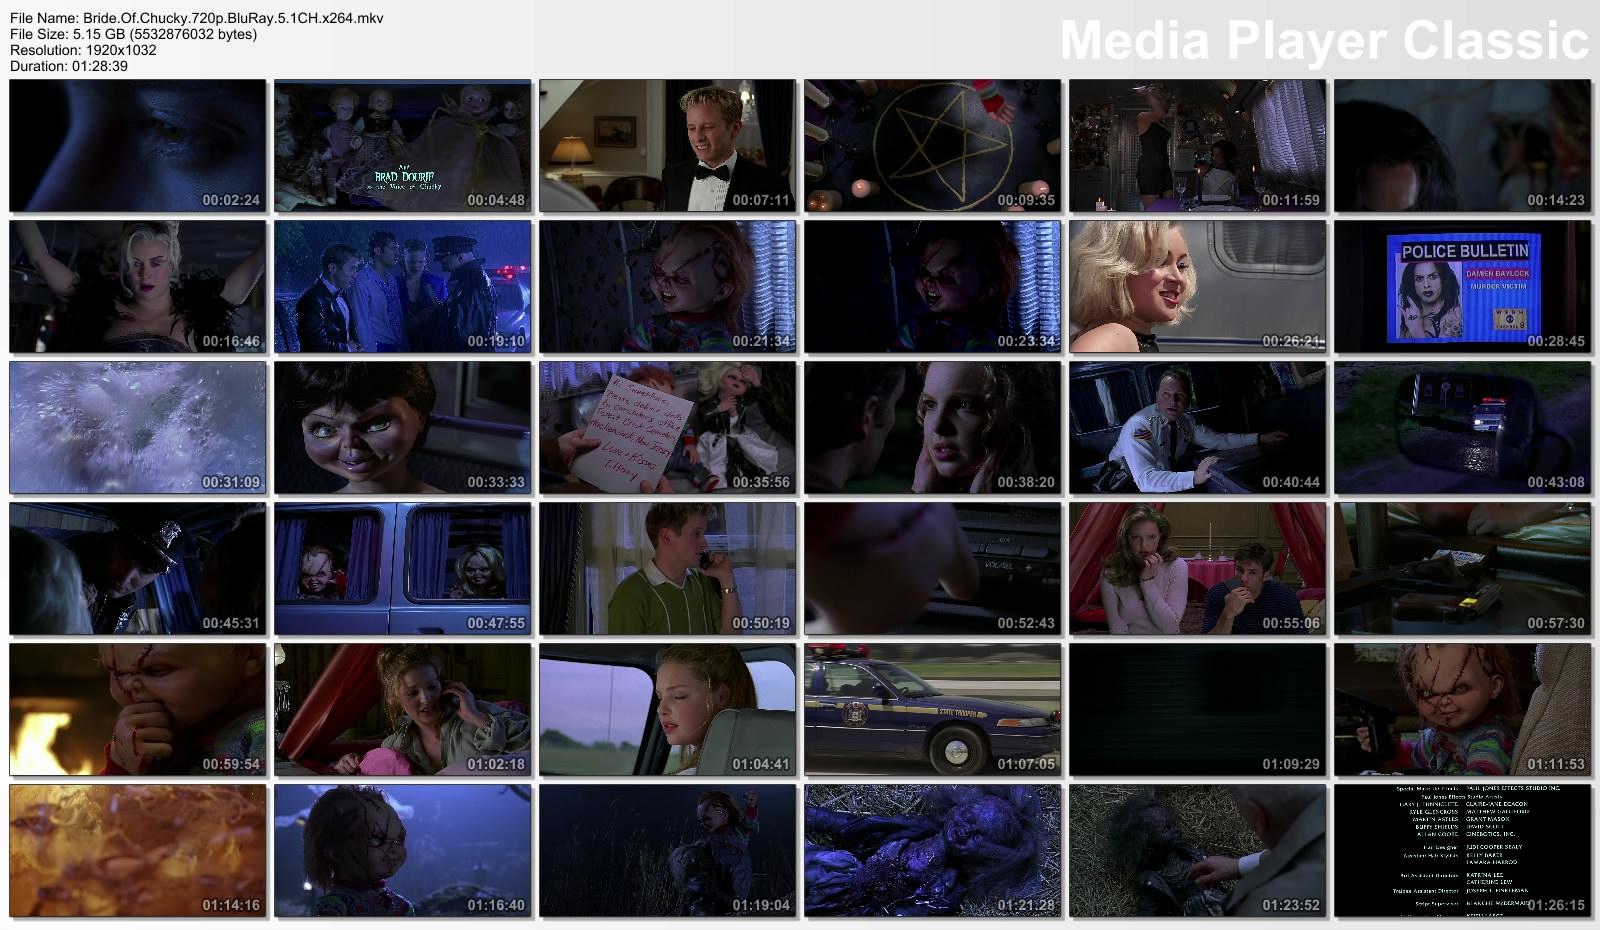 http://4.bp.blogspot.com/-kaAYRsGsCnU/Tpbe5EhHwSI/AAAAAAAABJY/wtkGbmz45aE/s1600/Bride-Of-Chucky-1998-thumbs.jpg